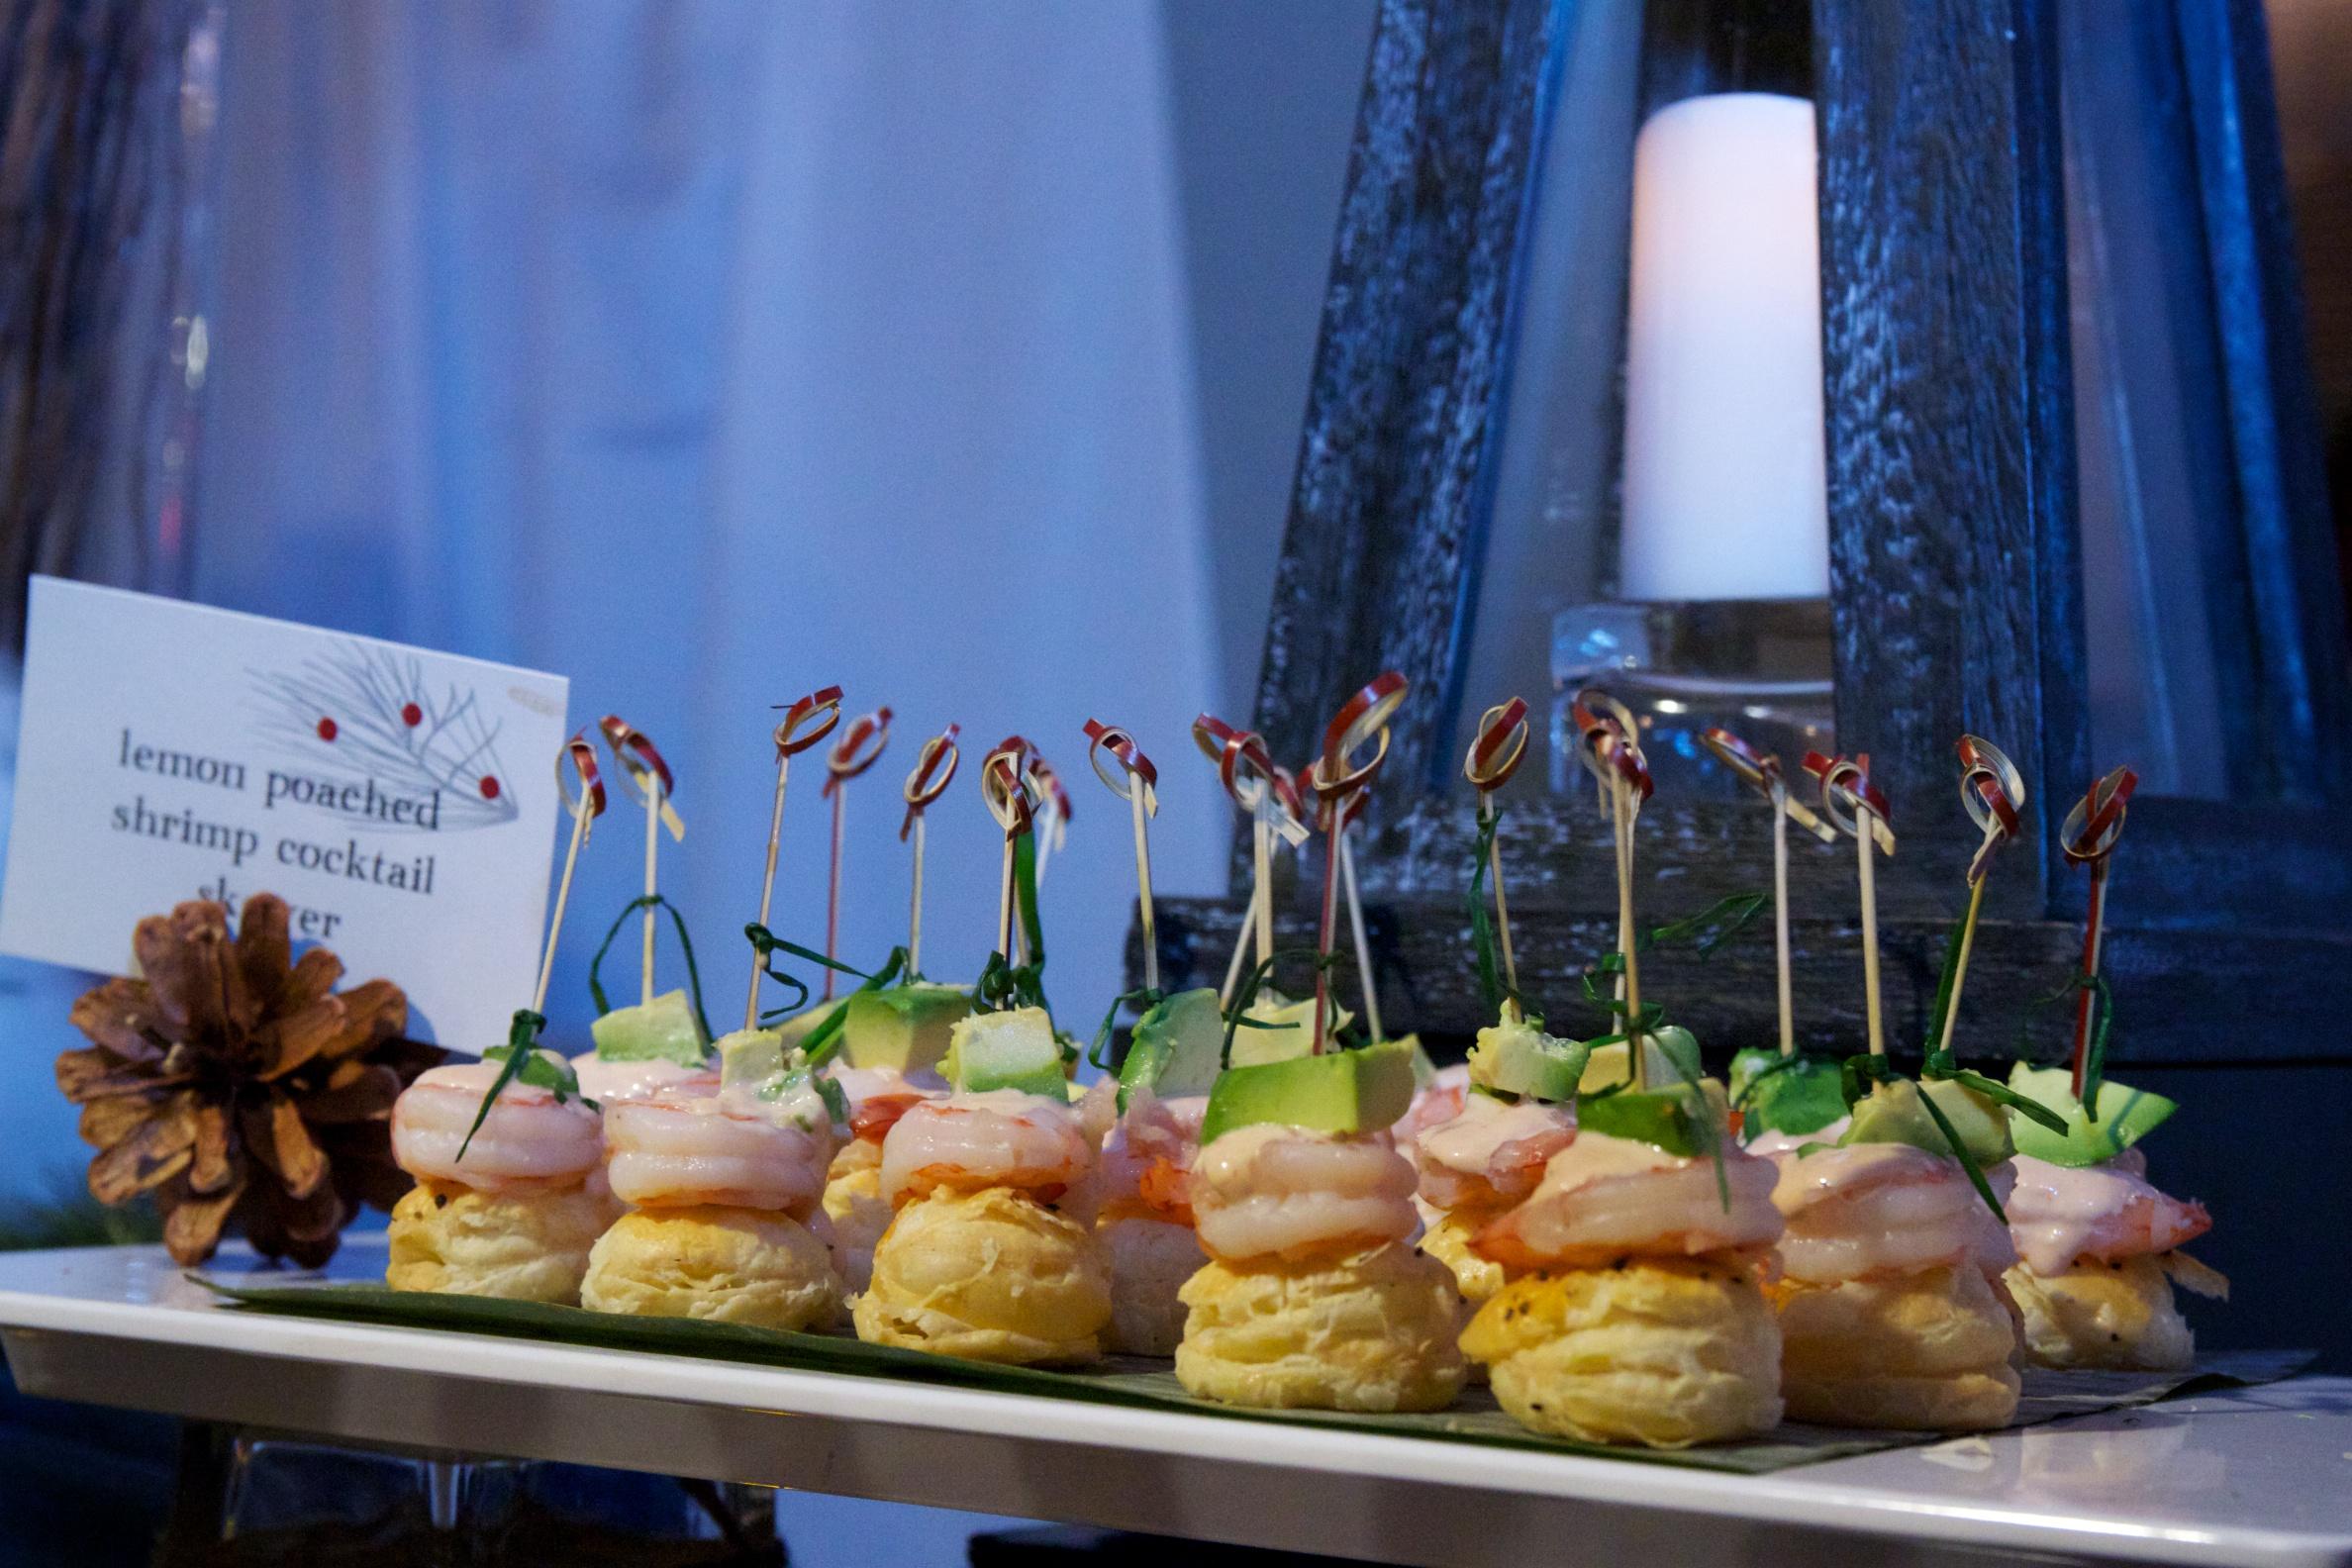 chicago_catering_caterer_shrimp_appetizer.jpg